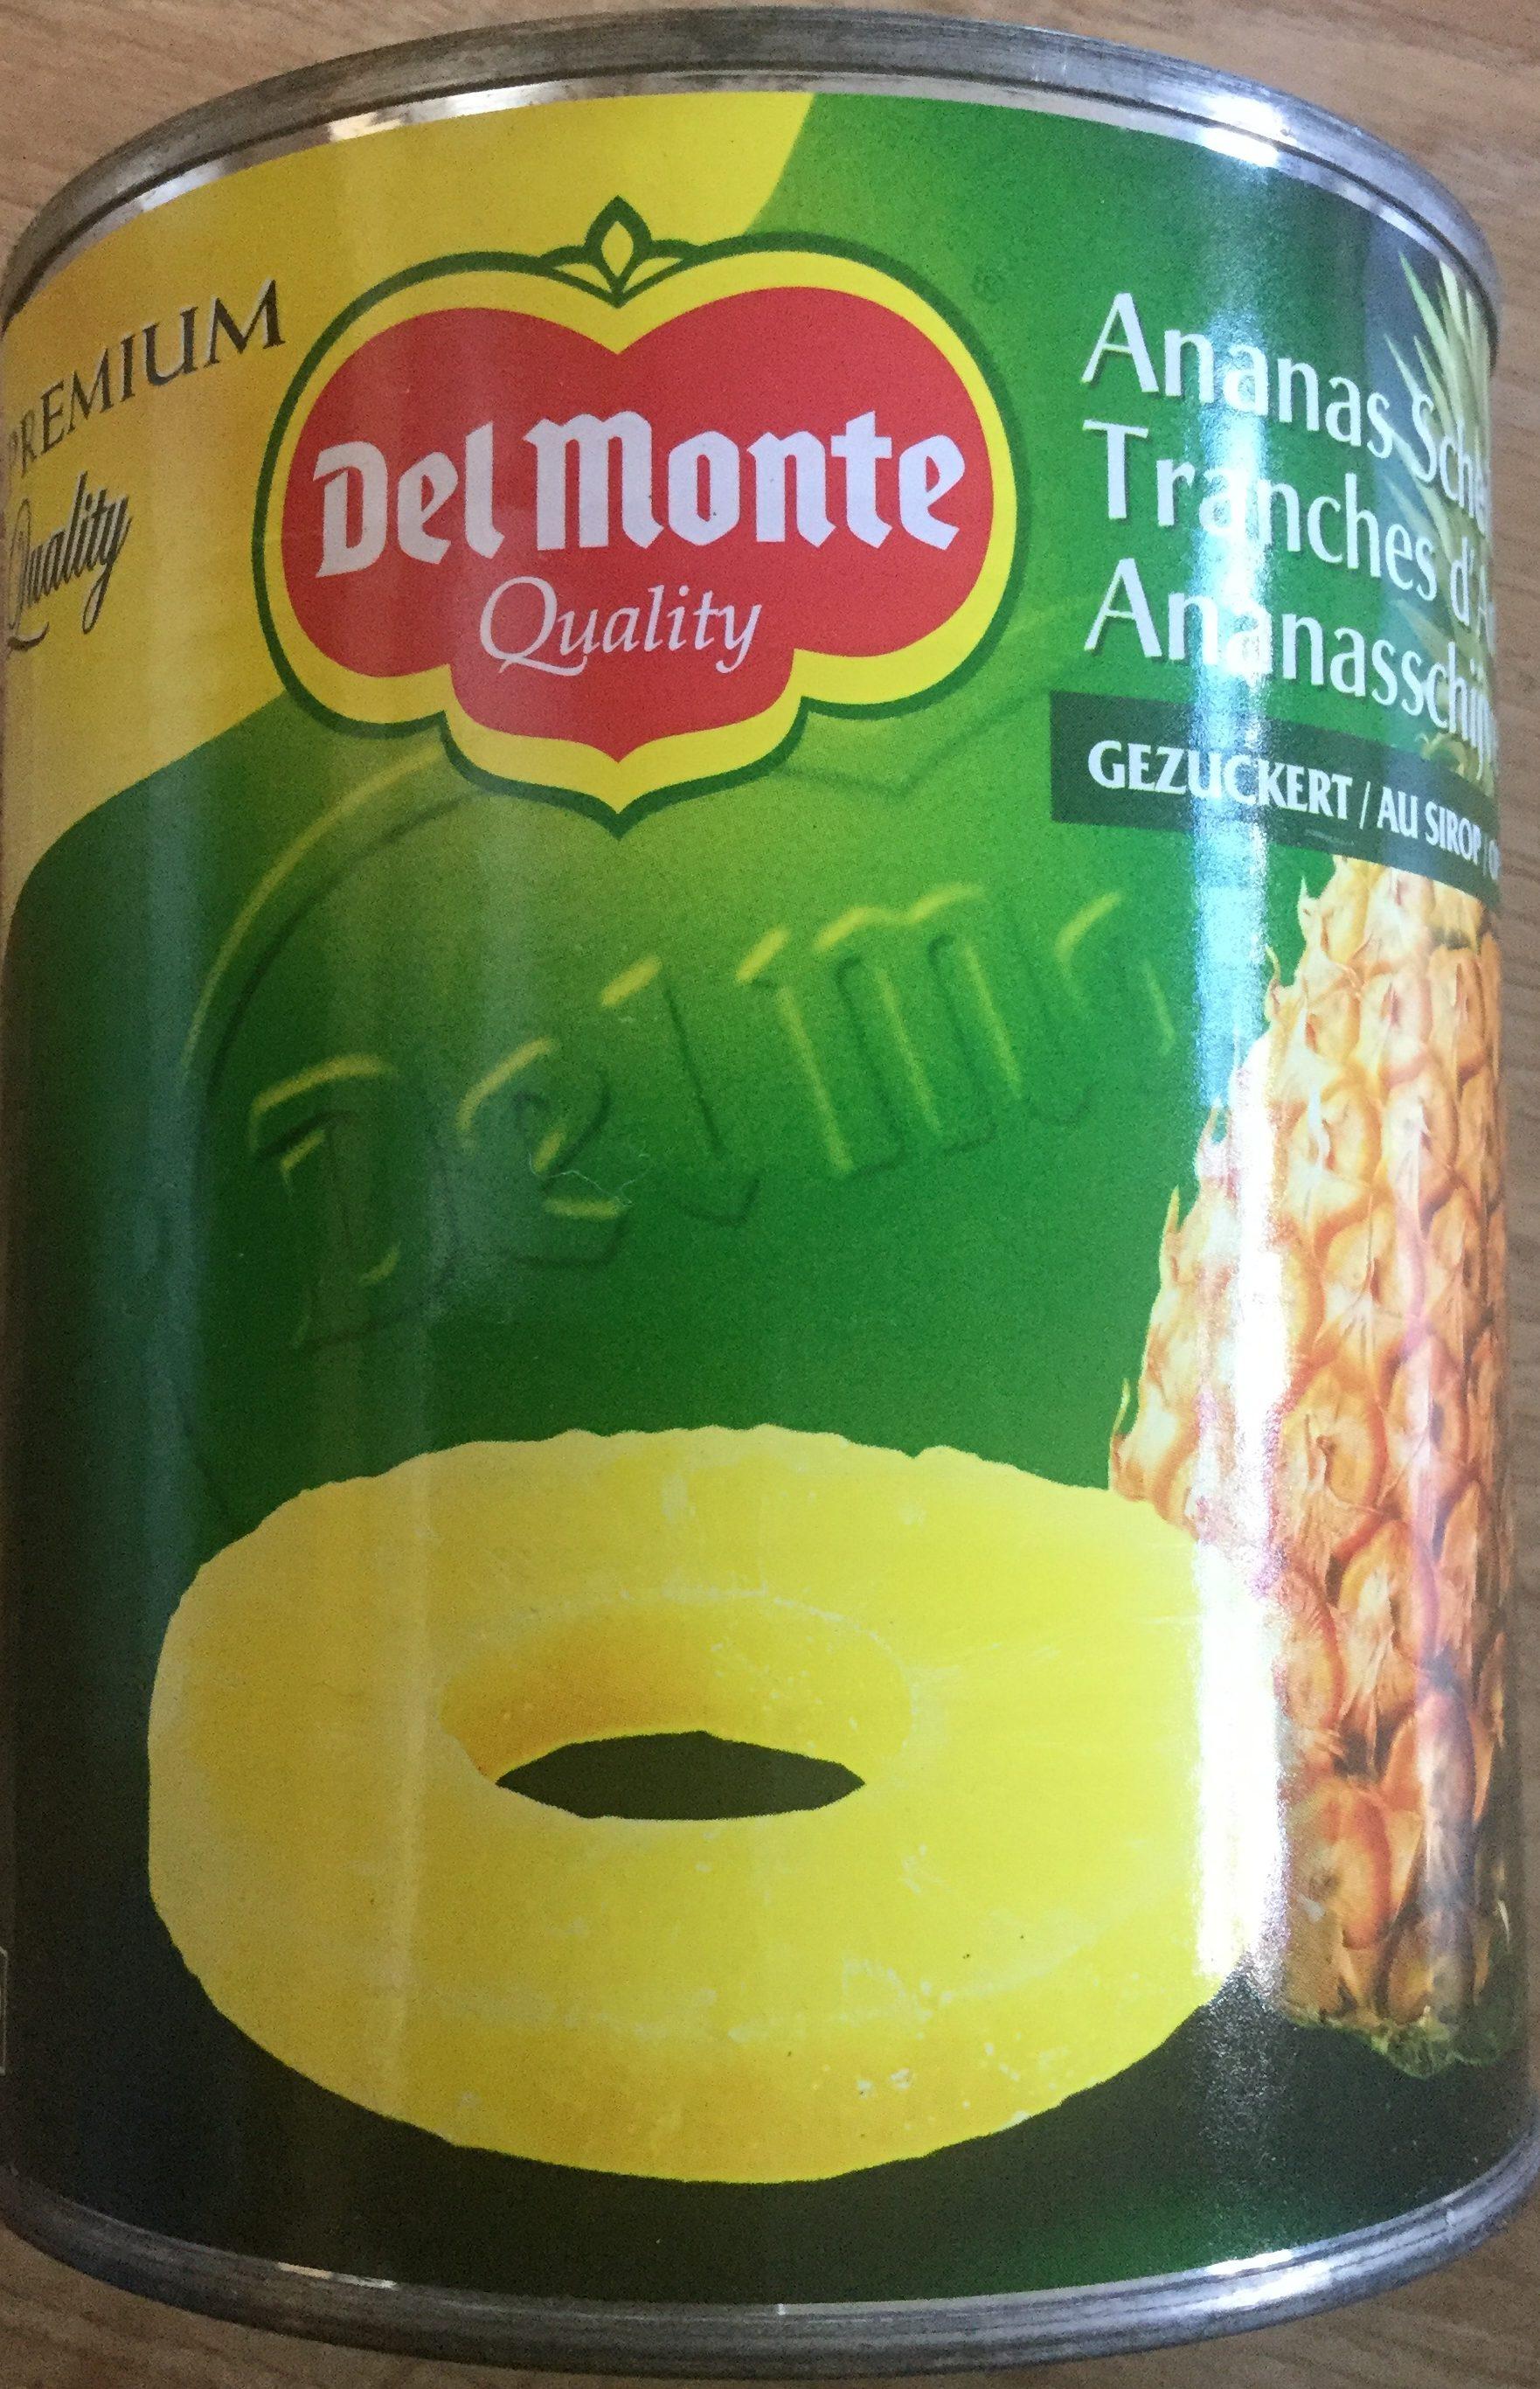 Ananasschijven op siroop - Product - nl